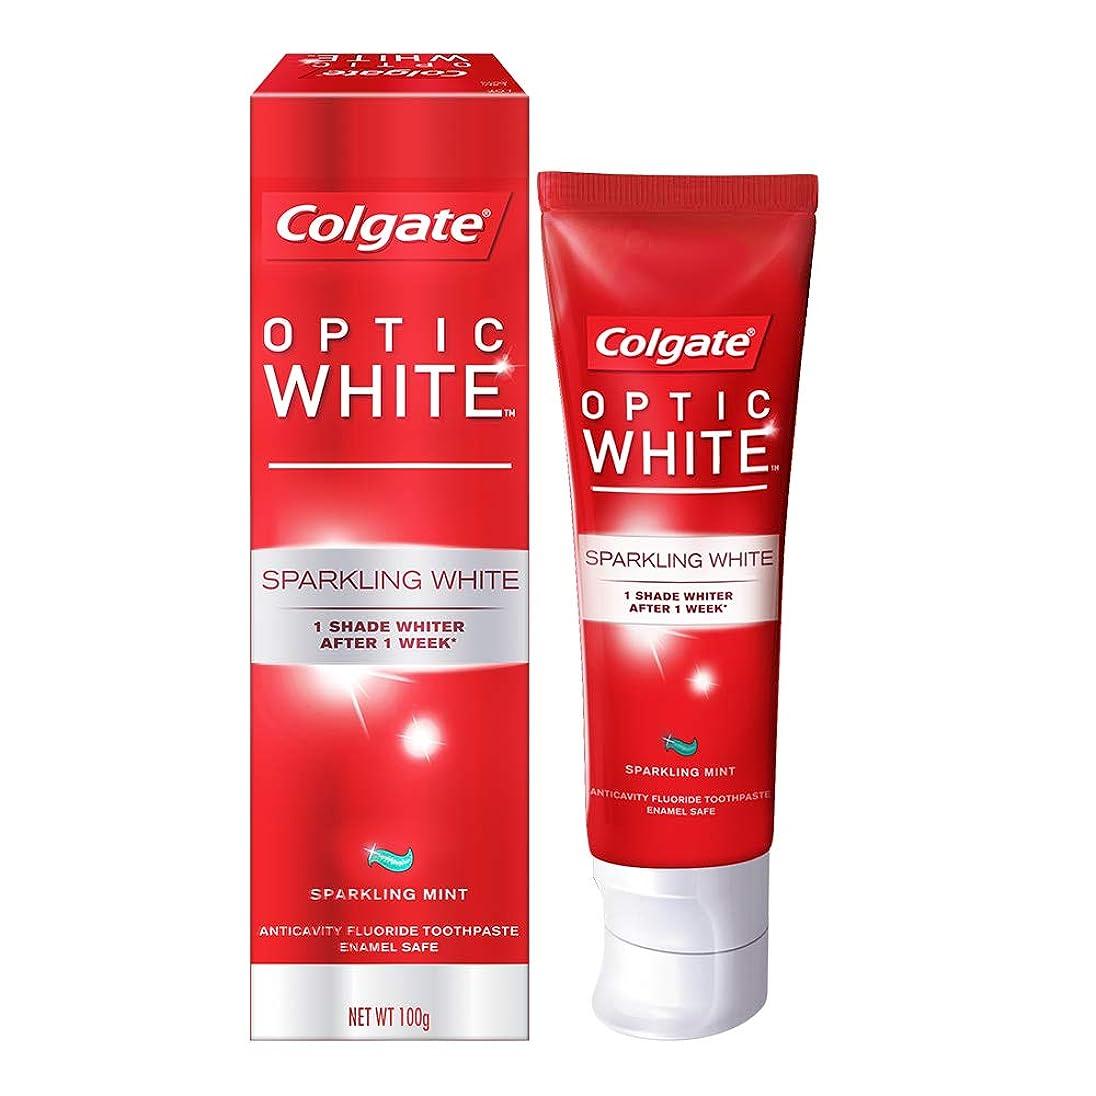 耐えられる相対性理論裸コールゲート オプティック ホワイト スパークリングシャイン 100g 歯磨き粉 Colgate Optic White Sparkling Shine 100g Tooth Paste